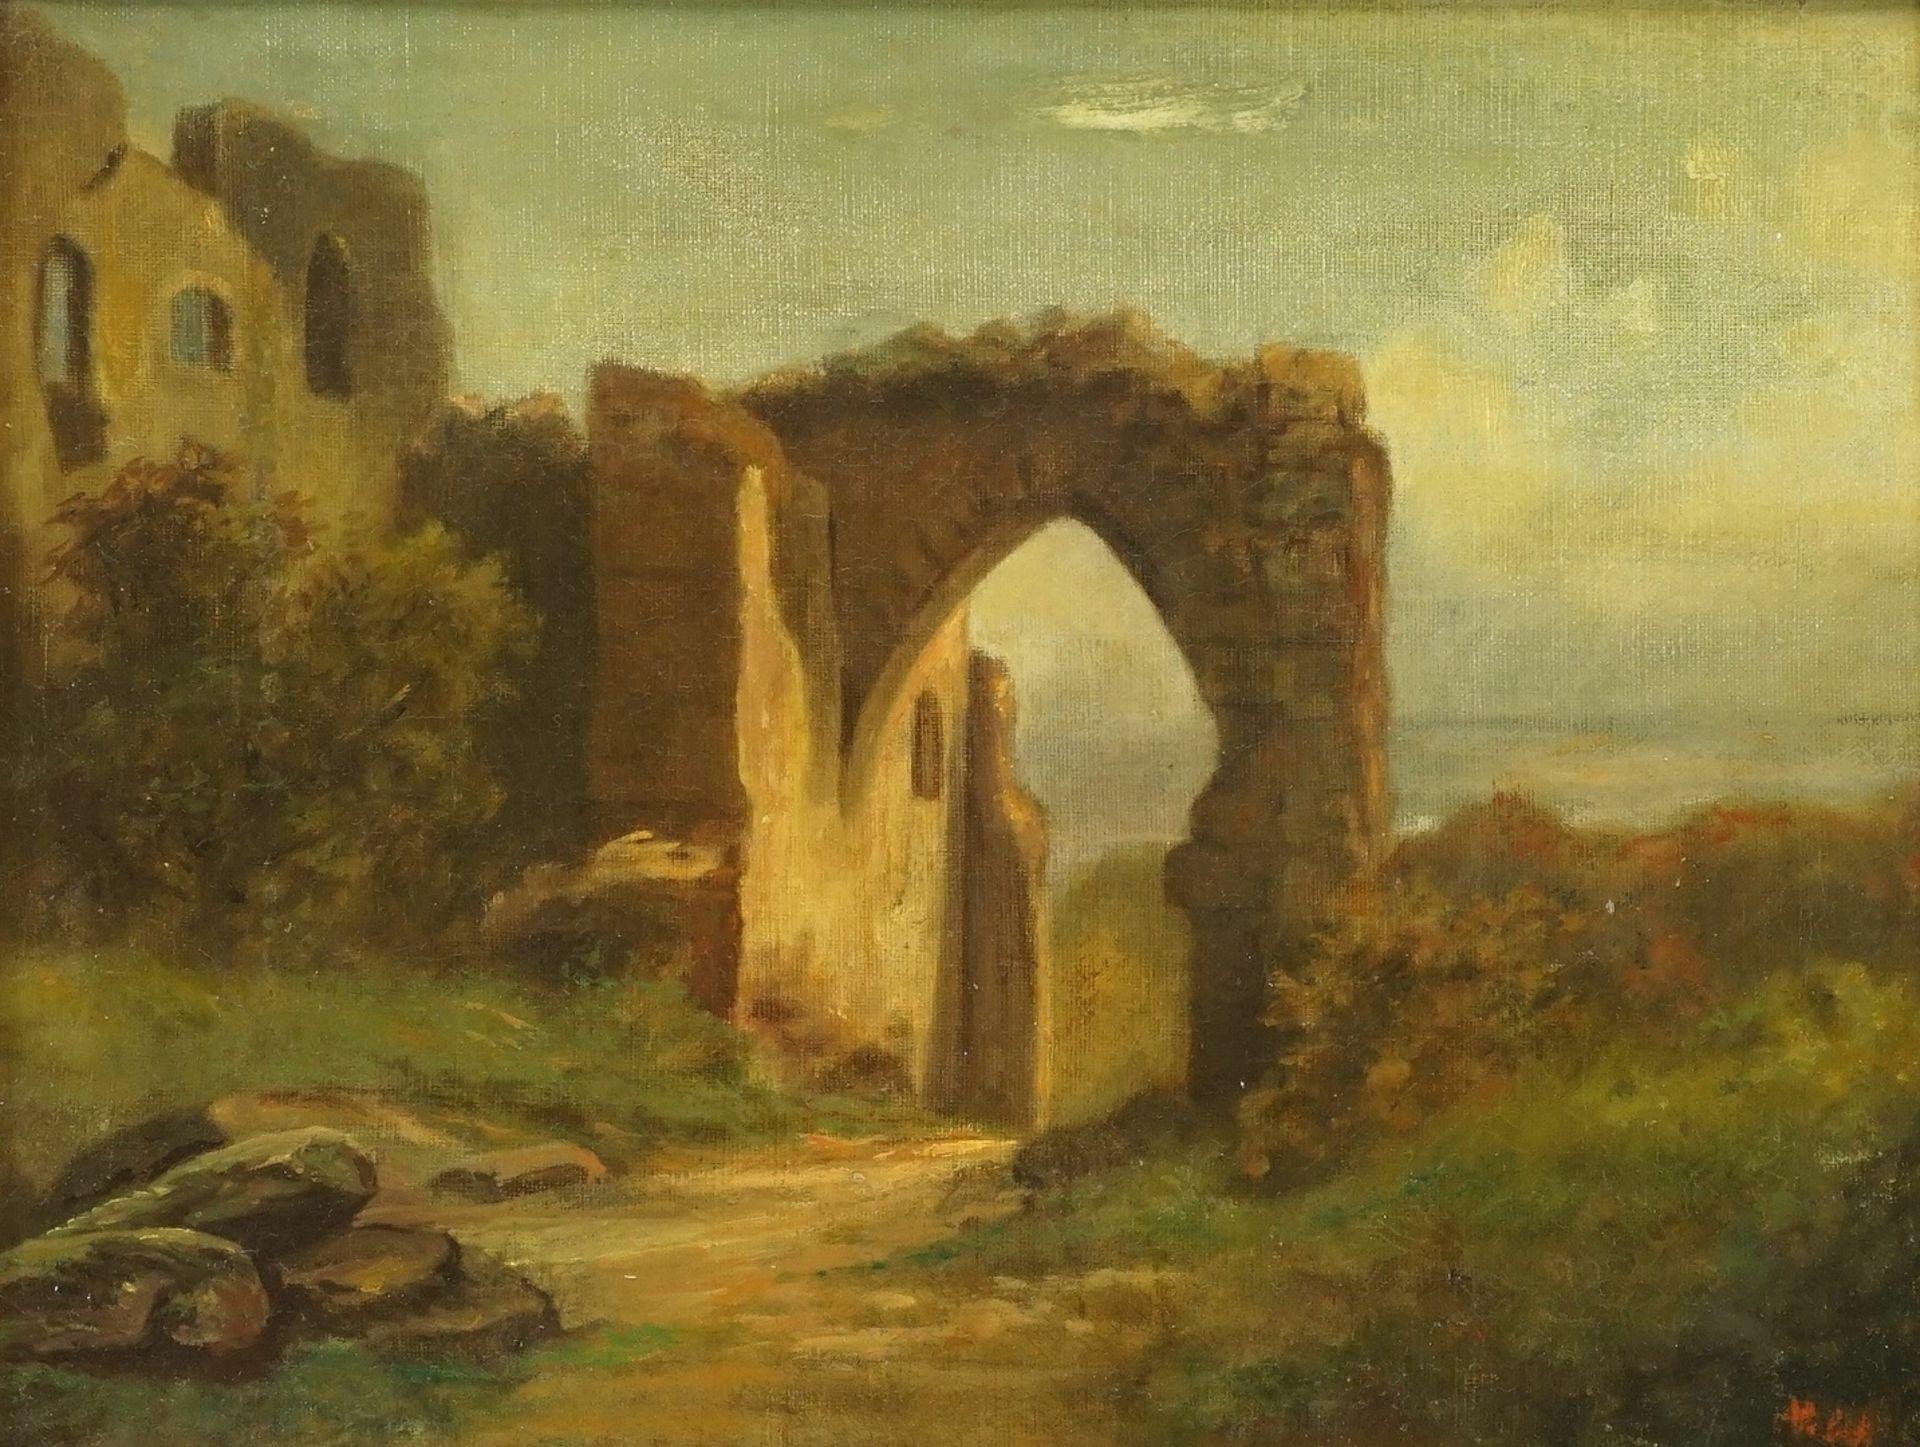 """Unbekannter Spätromantiker, """"Ruine mit Spitzbogentor"""" - Bild 2 aus 4"""